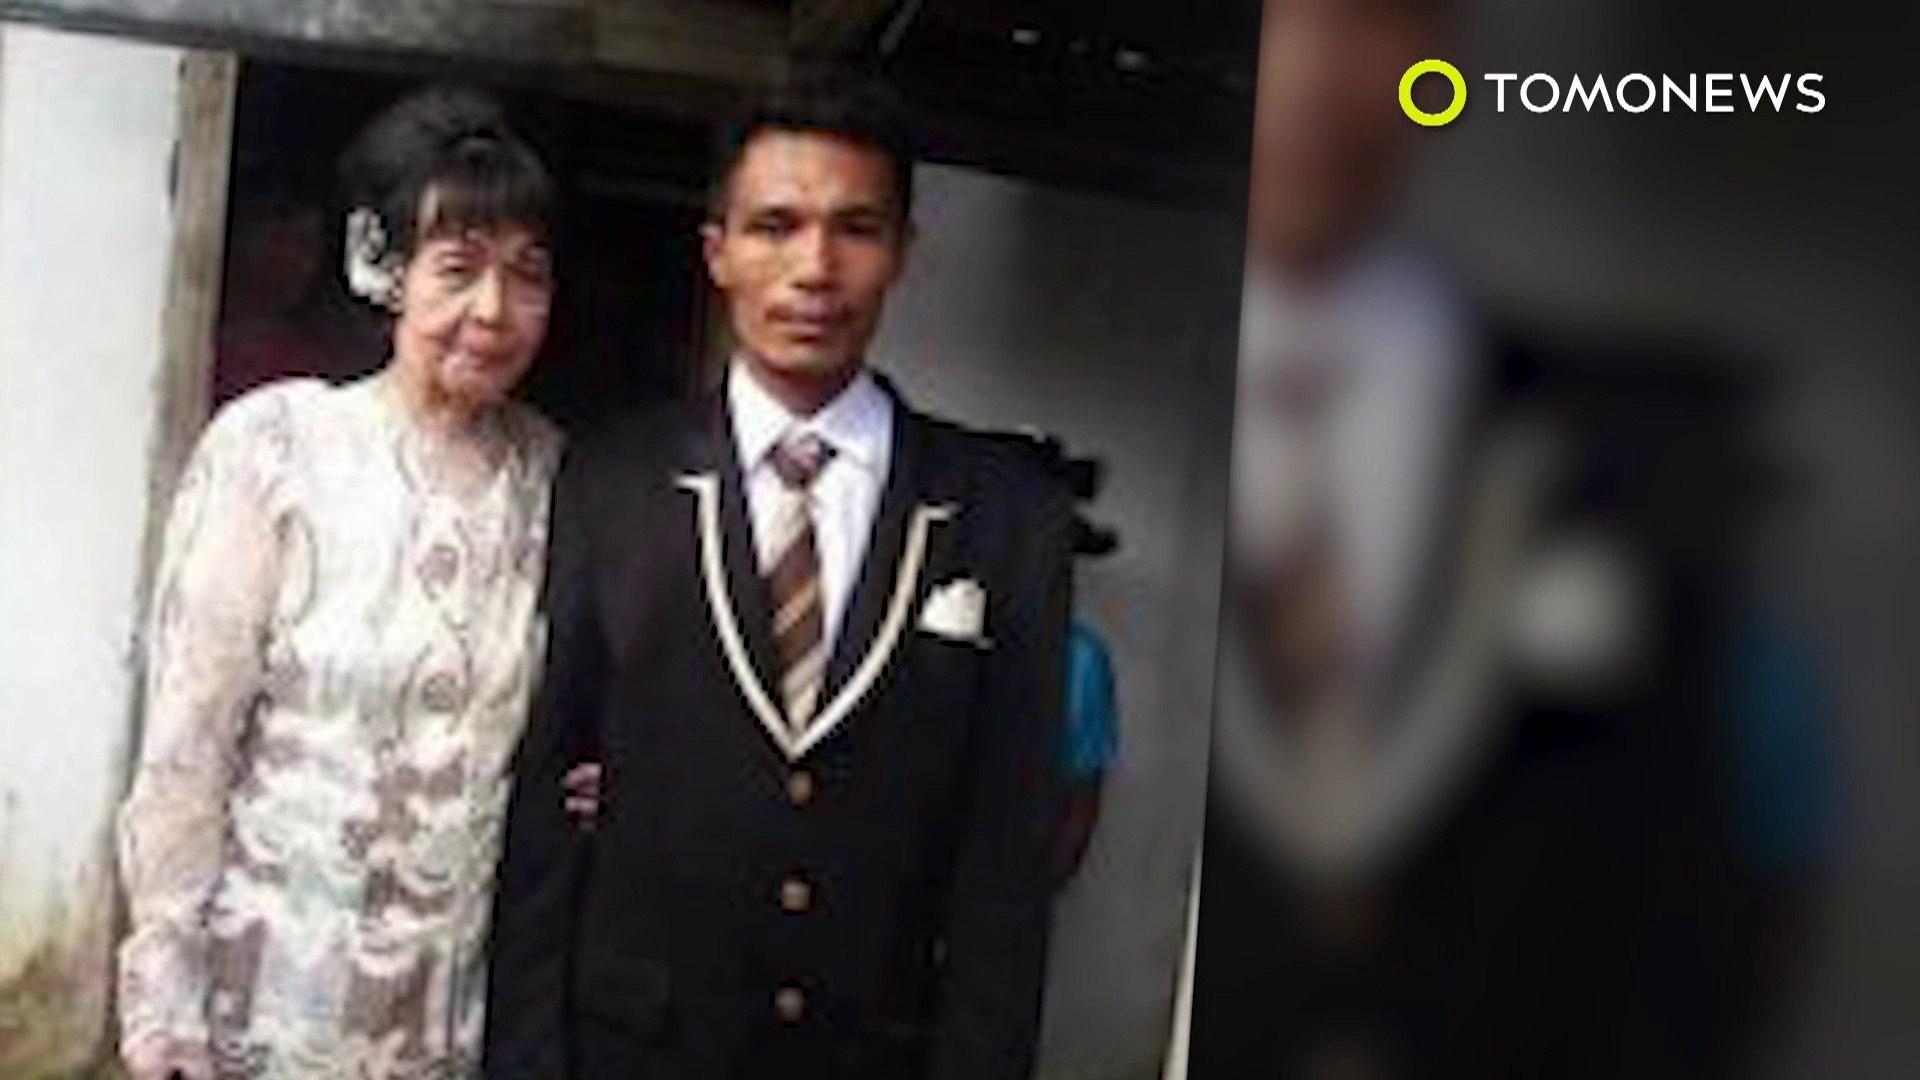 Suami istri romantis di Kamboja, wanita cantik tapi prianya tidak menarik jadi viral - Tomonews